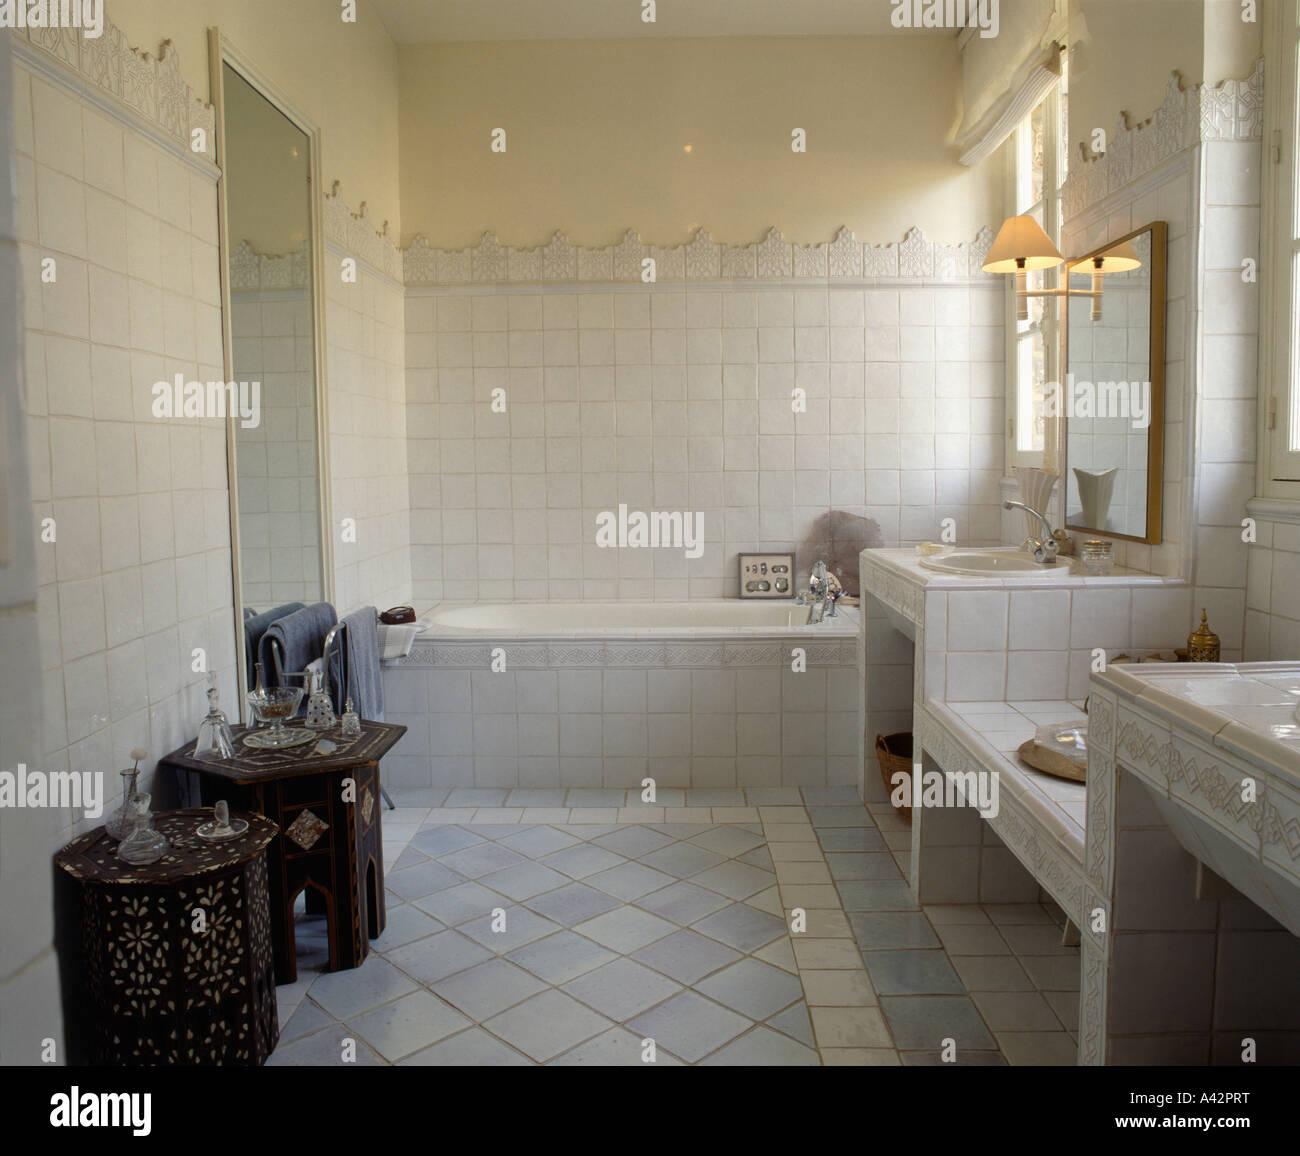 Modernes Badezimmer Mit Blass Grau Gefliesten Boden Und Kleine